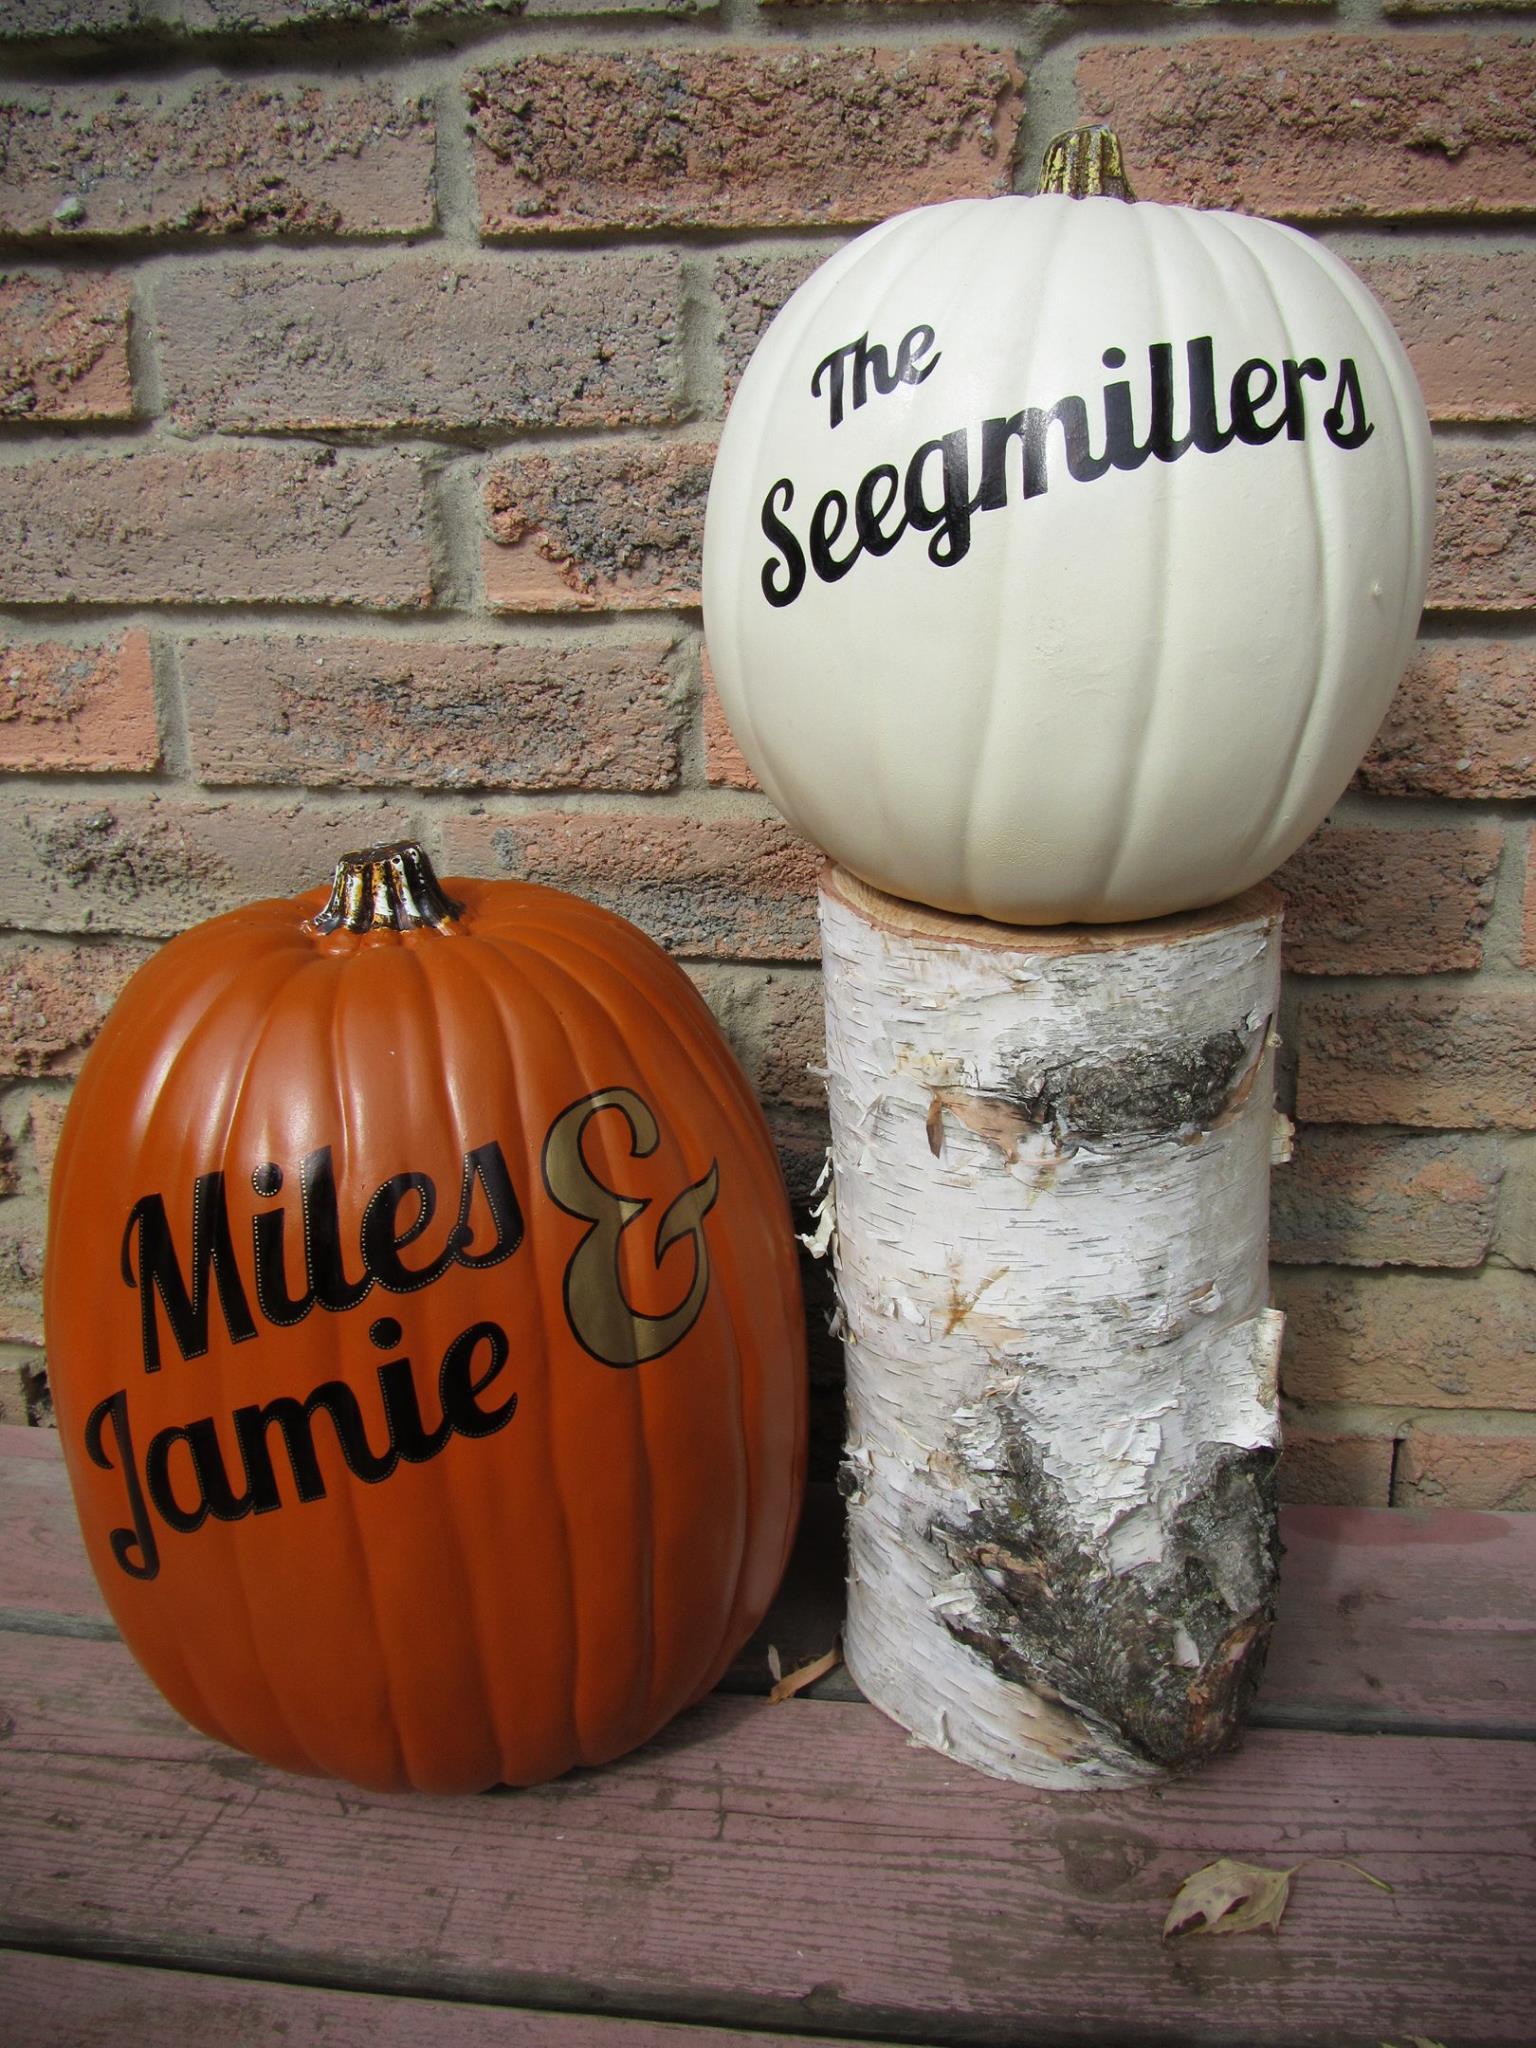 Pumpkins - Miles & Jamie Seegmiller